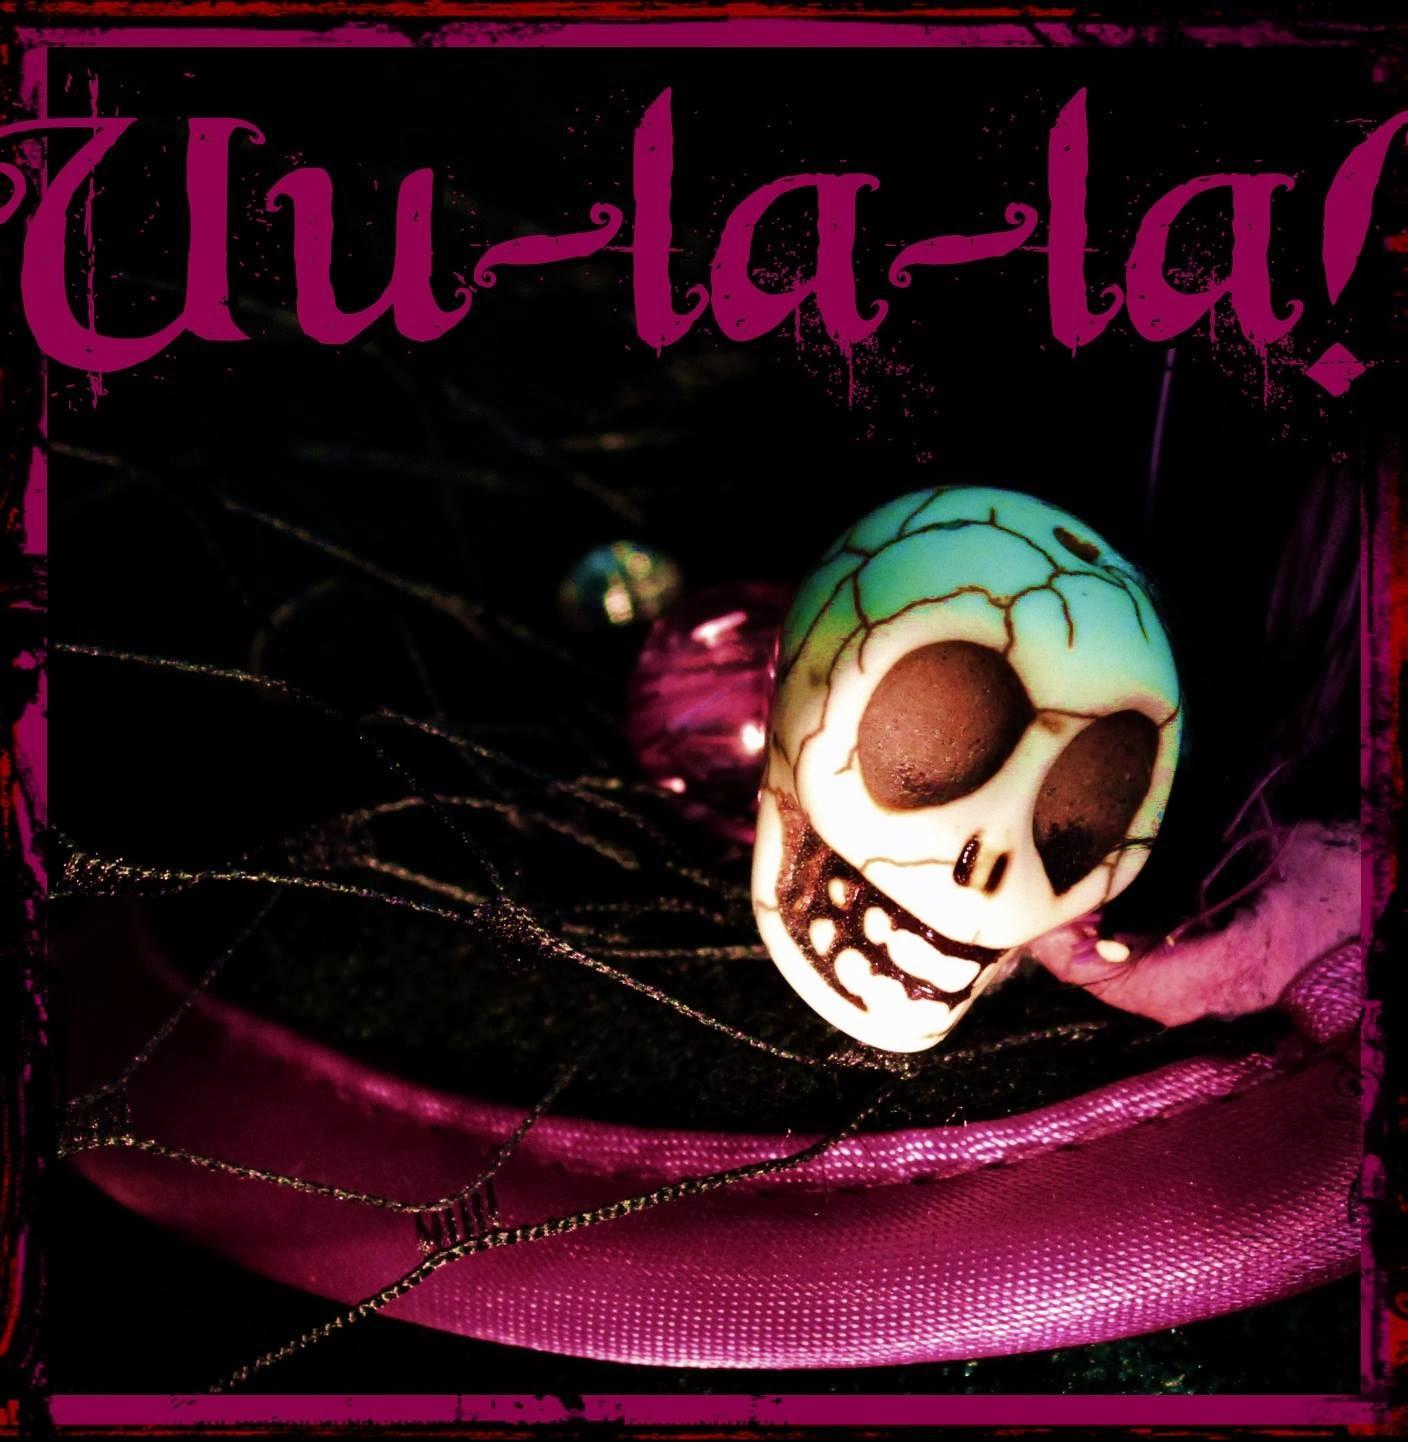 Uu-La-la! Facebookissa